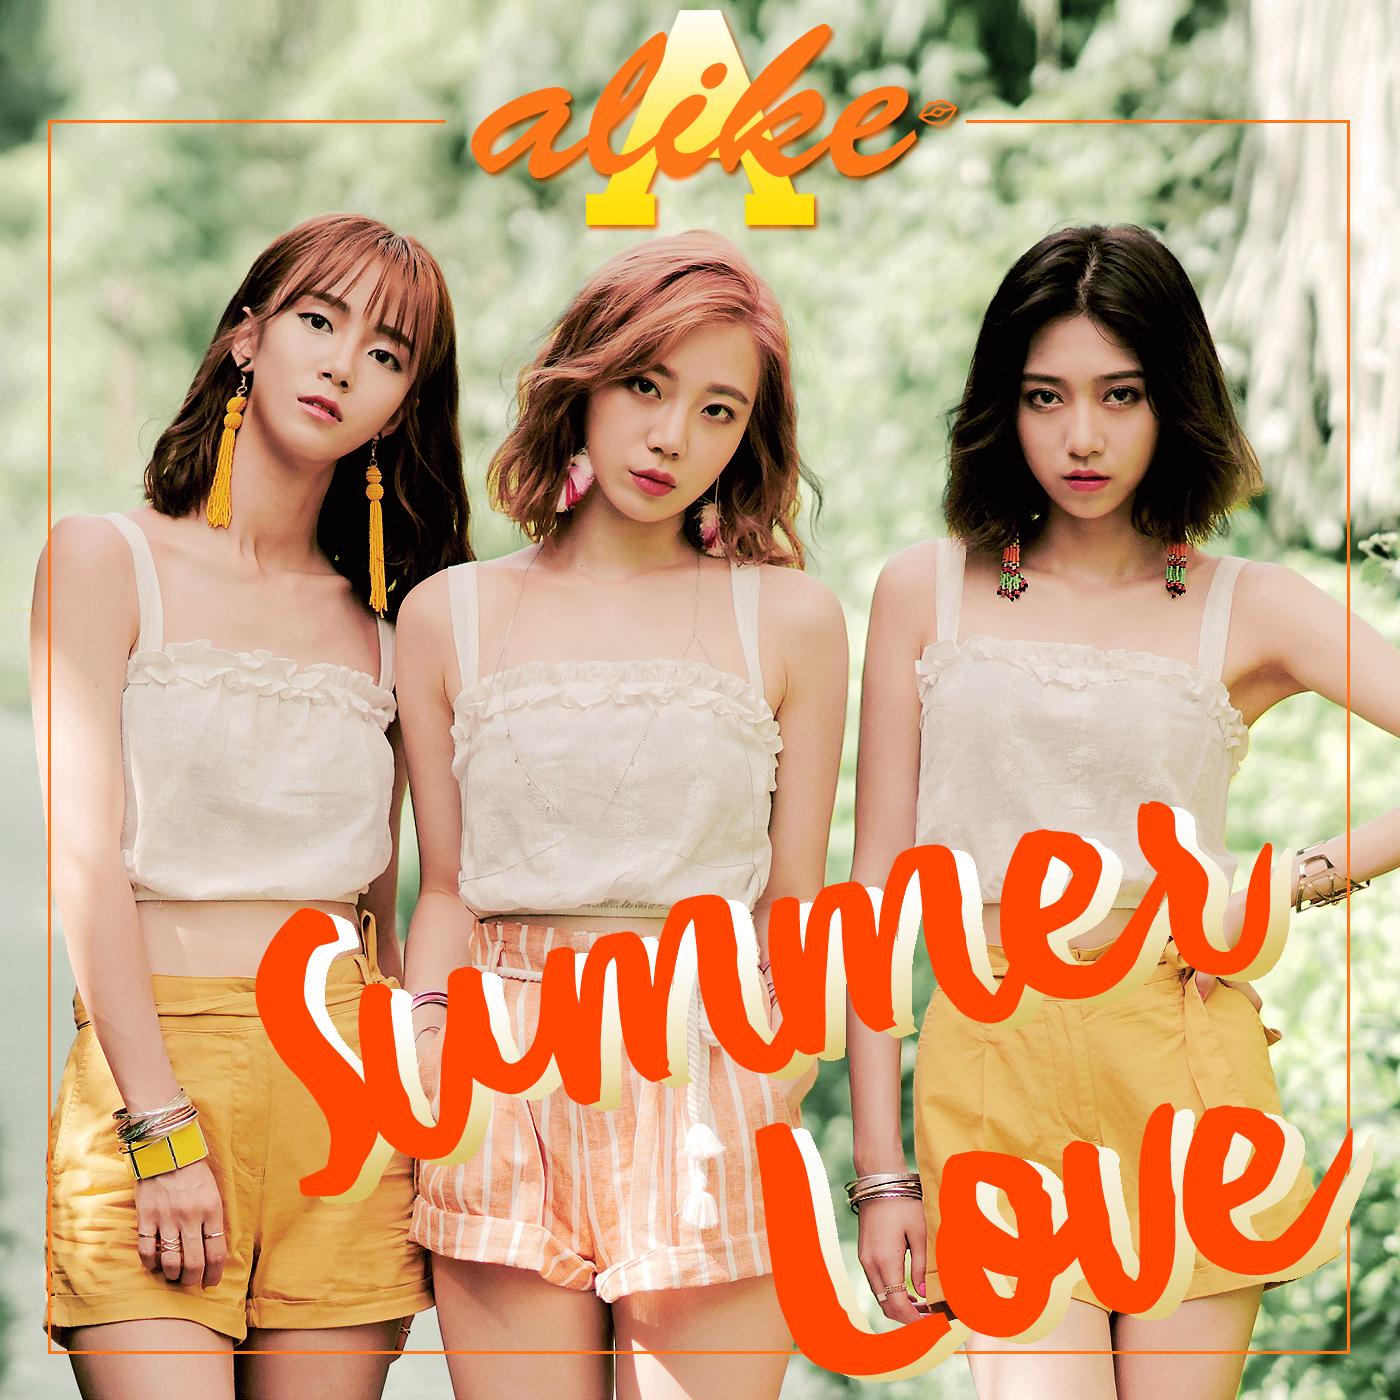 20180906.2323.1 ALiKE - Summer Love (FLAC) cover.jpg